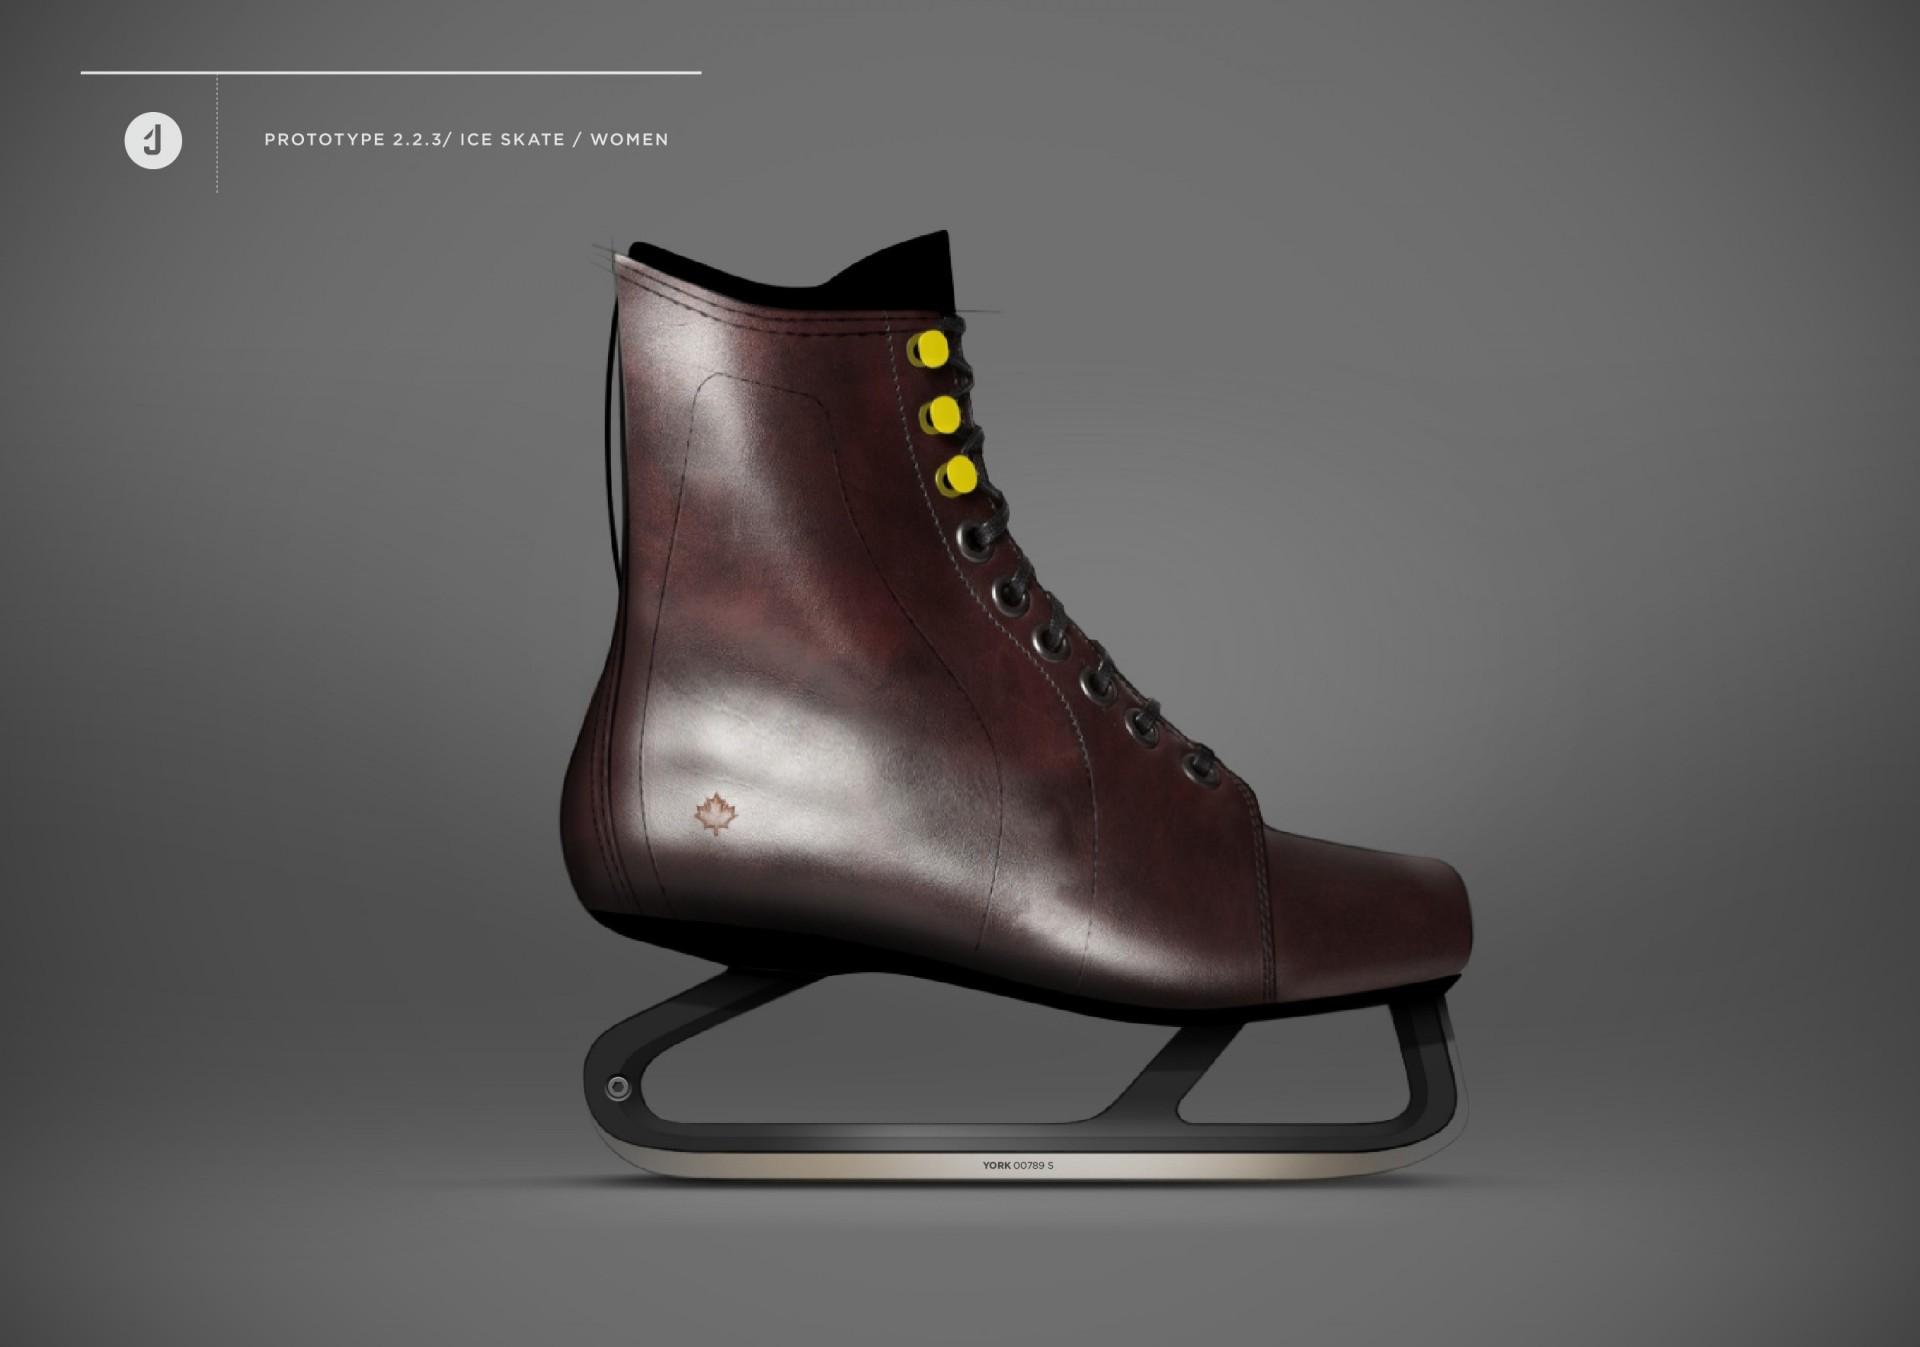 skate_prototype